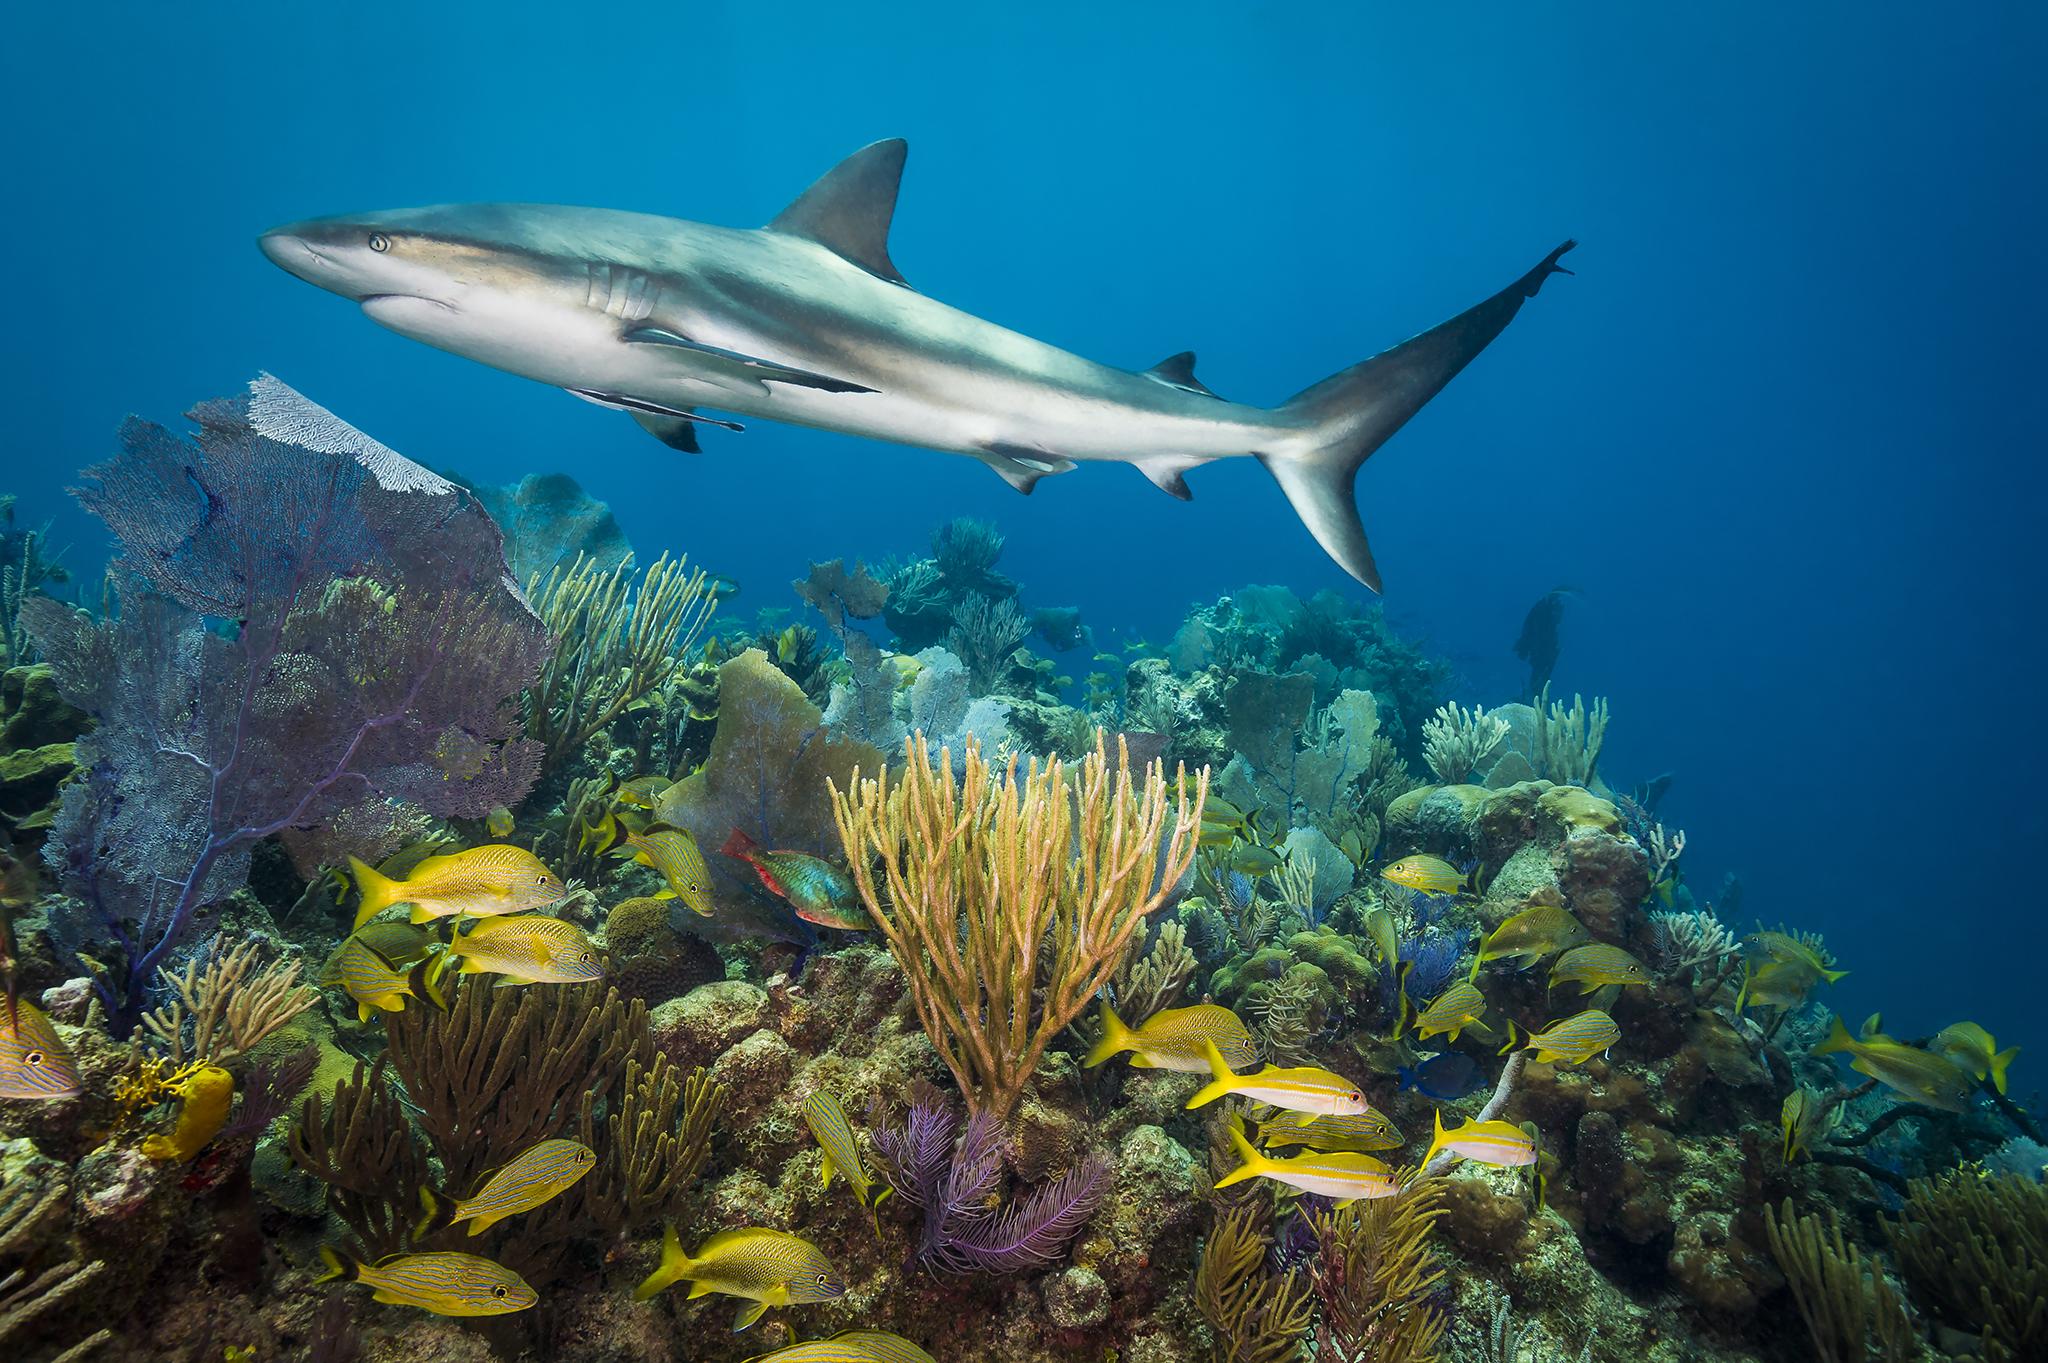 Requin et corail. Un requin des récifs des Caraïbes glisse au-dessus de coraux en bonne santé dans les Jardins de la Reine à Cuba. Un sanctuaire marin national dédié protège fermement ces récifs contre la pêche intensive. Ils ont d'ailleurs une chaîne alimentaire intacte, de la proie au prédateur. La présence du requin est synonyme d'un écosystème sain.